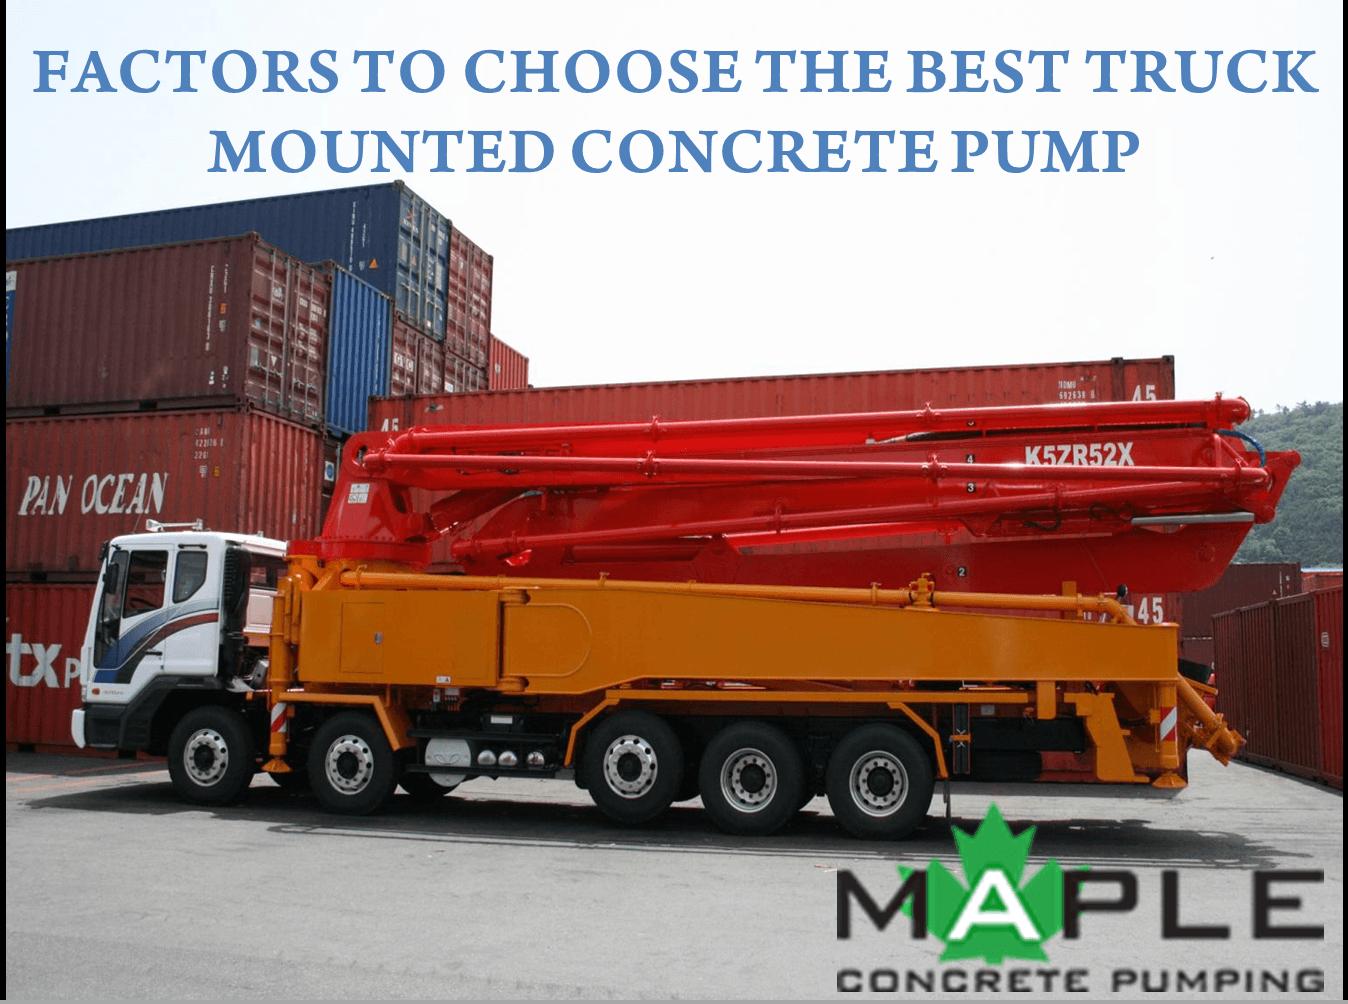 Truck Mounted Concrete Pump Maple Concrete Pumping